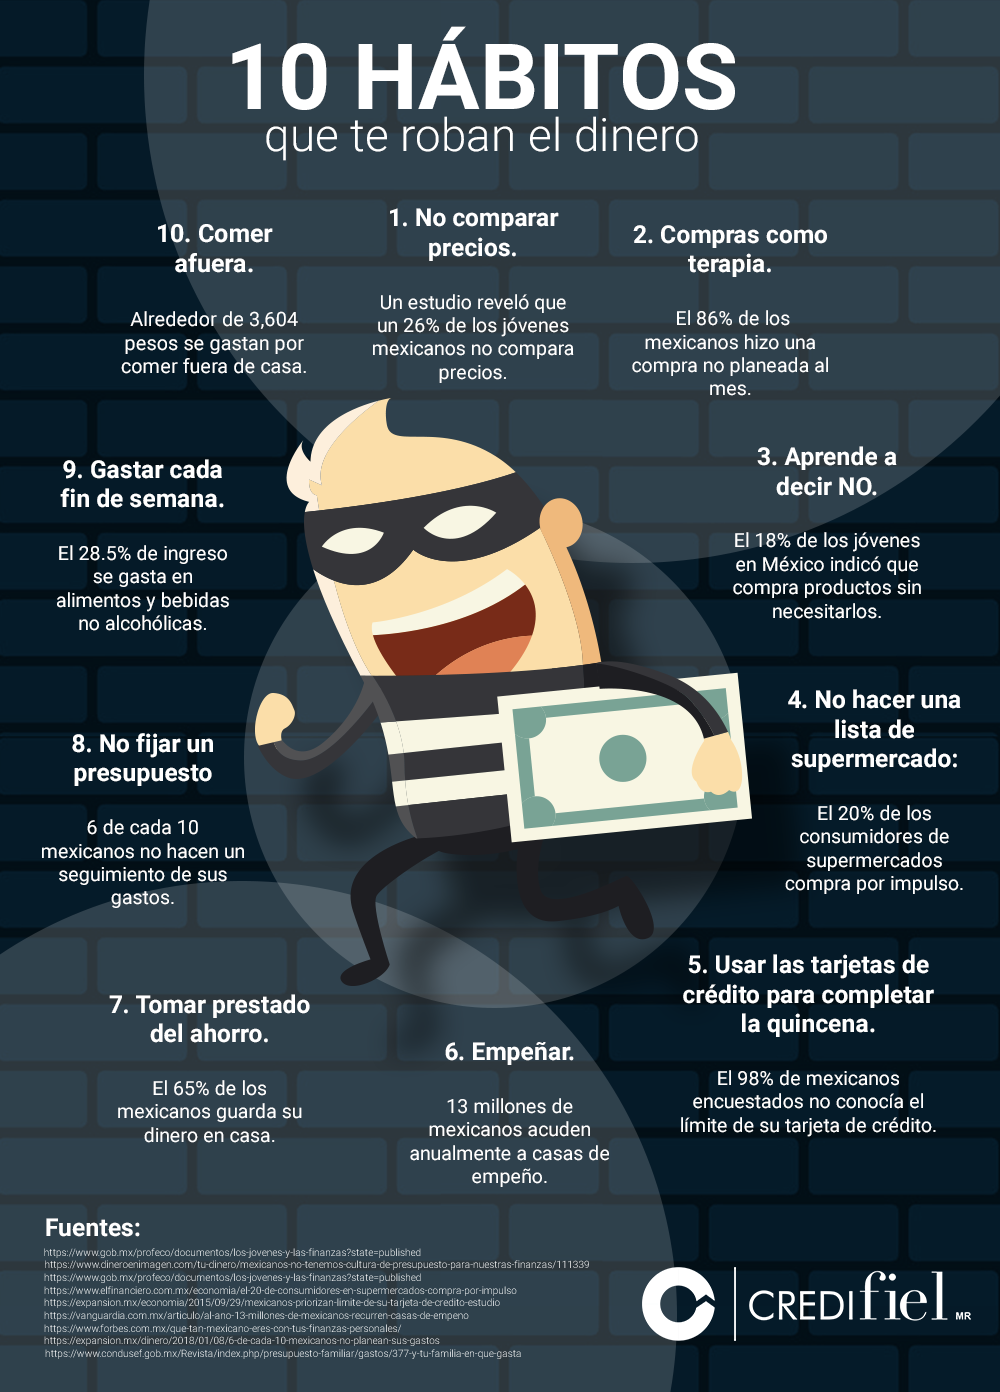 10-habitos-que-te-roban-el-dinero